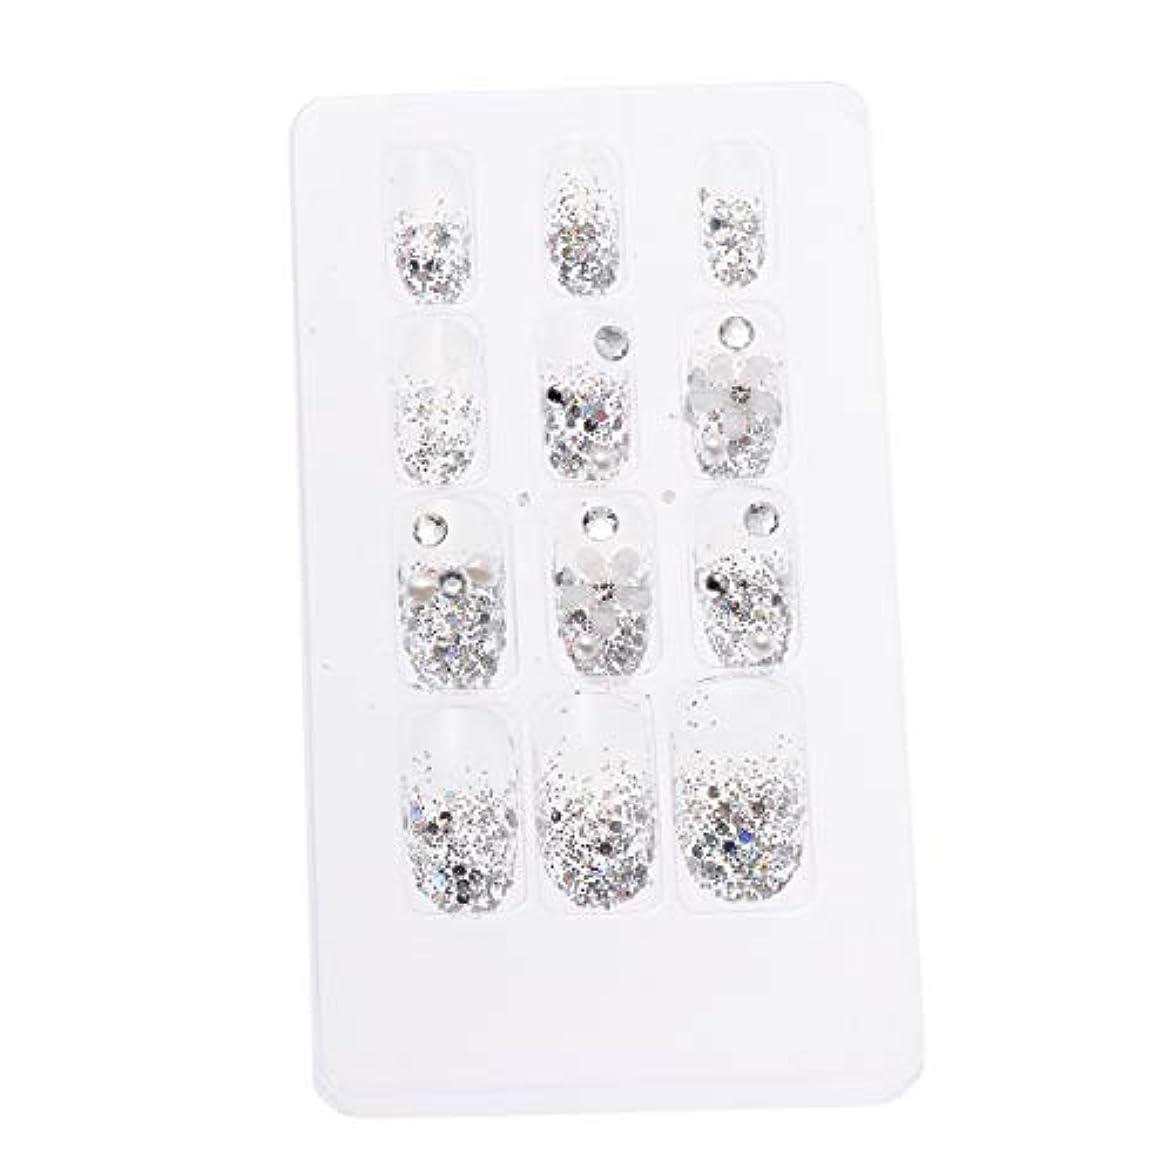 プット散逸予想外LURROSE 24ピースネイルステッカー 人工ダイヤモンド装飾ネイルアート用ブライダル女性